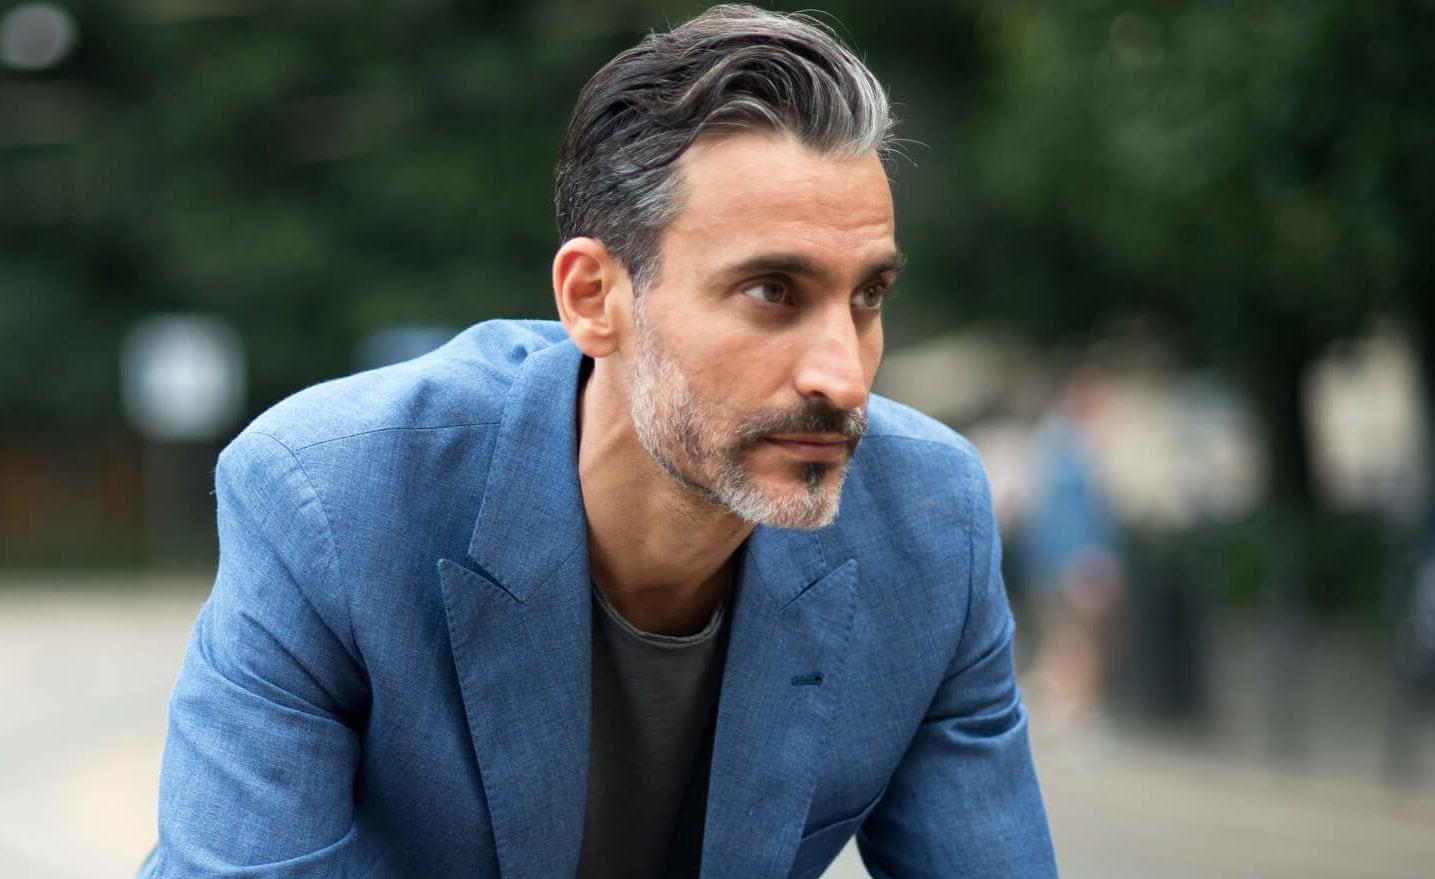 Peinados para hombres mayores de 50